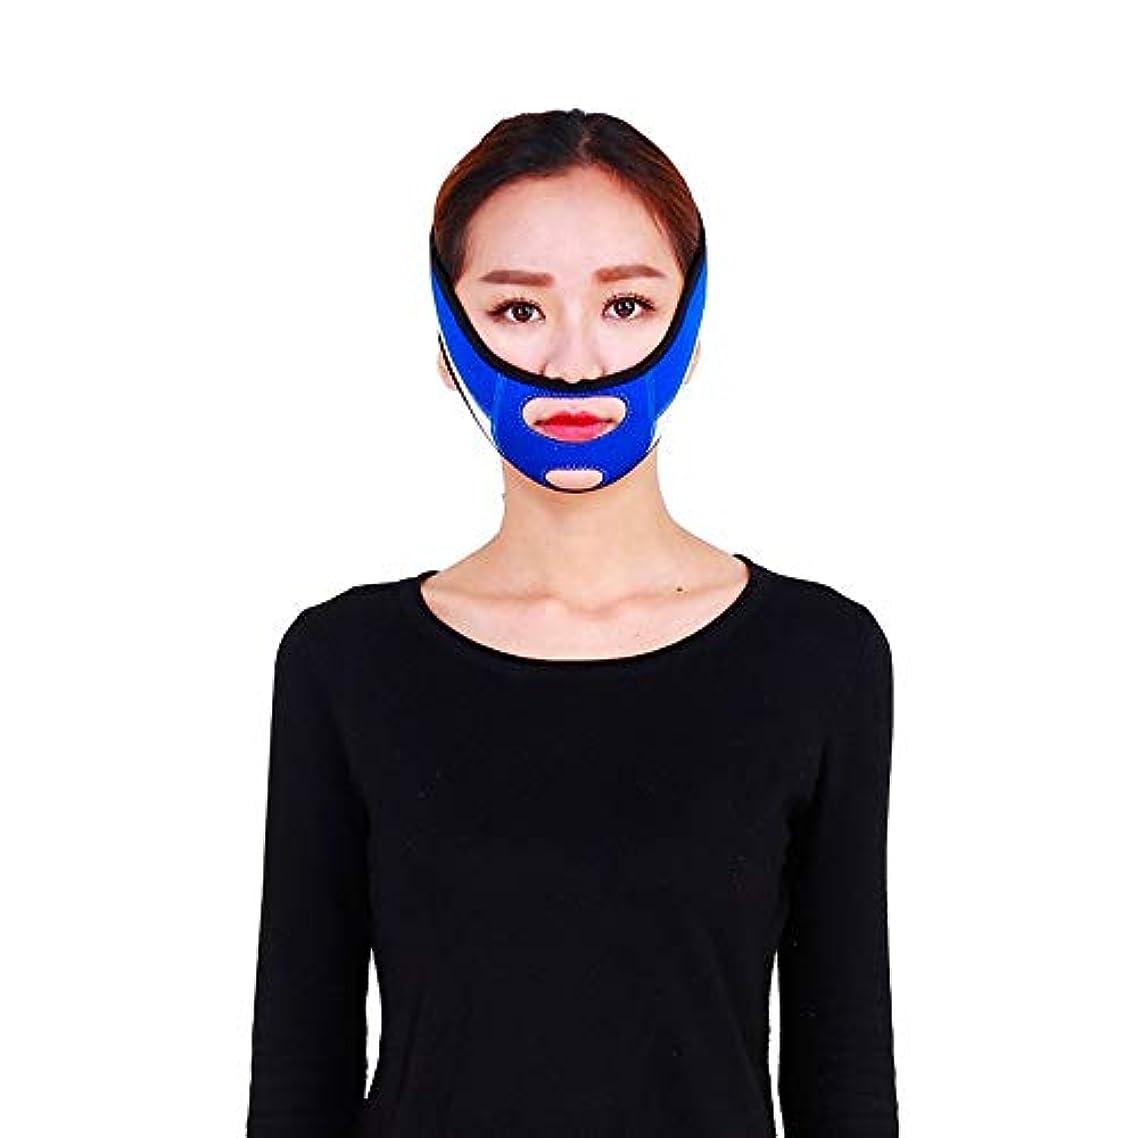 セブン解釈カフェテリアフェイスリフティングベルト、フェイスリフティング包帯フェイシャルケアVシェイプにより睡眠の質を向上 (Color : Blue)